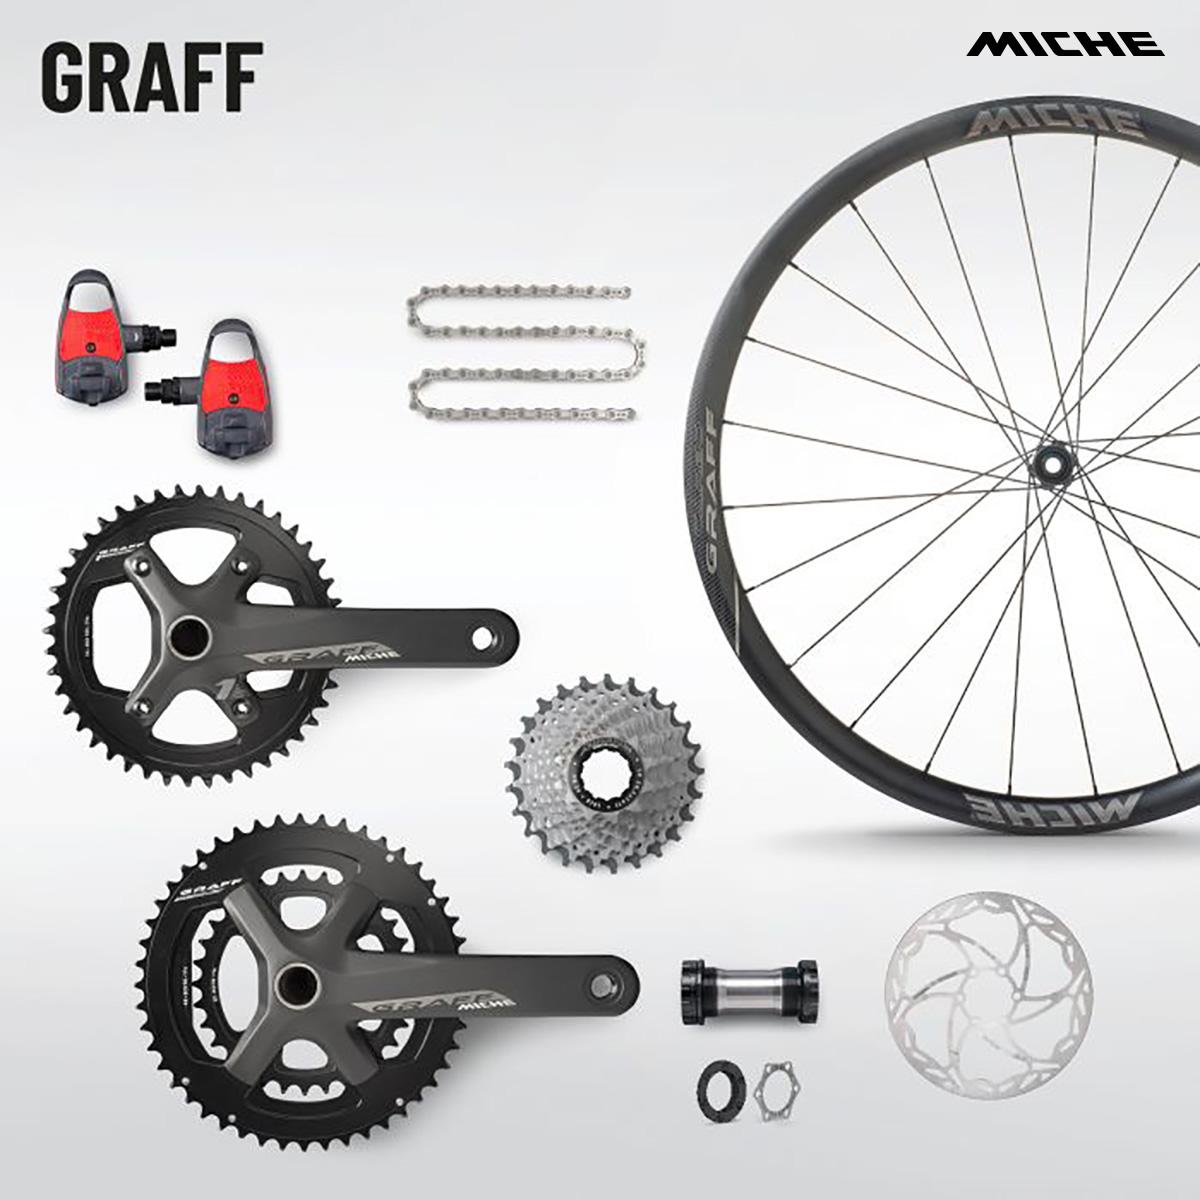 Insieme dei vari componenti della linea Graff, tra cui spicca la ruota Graff SP